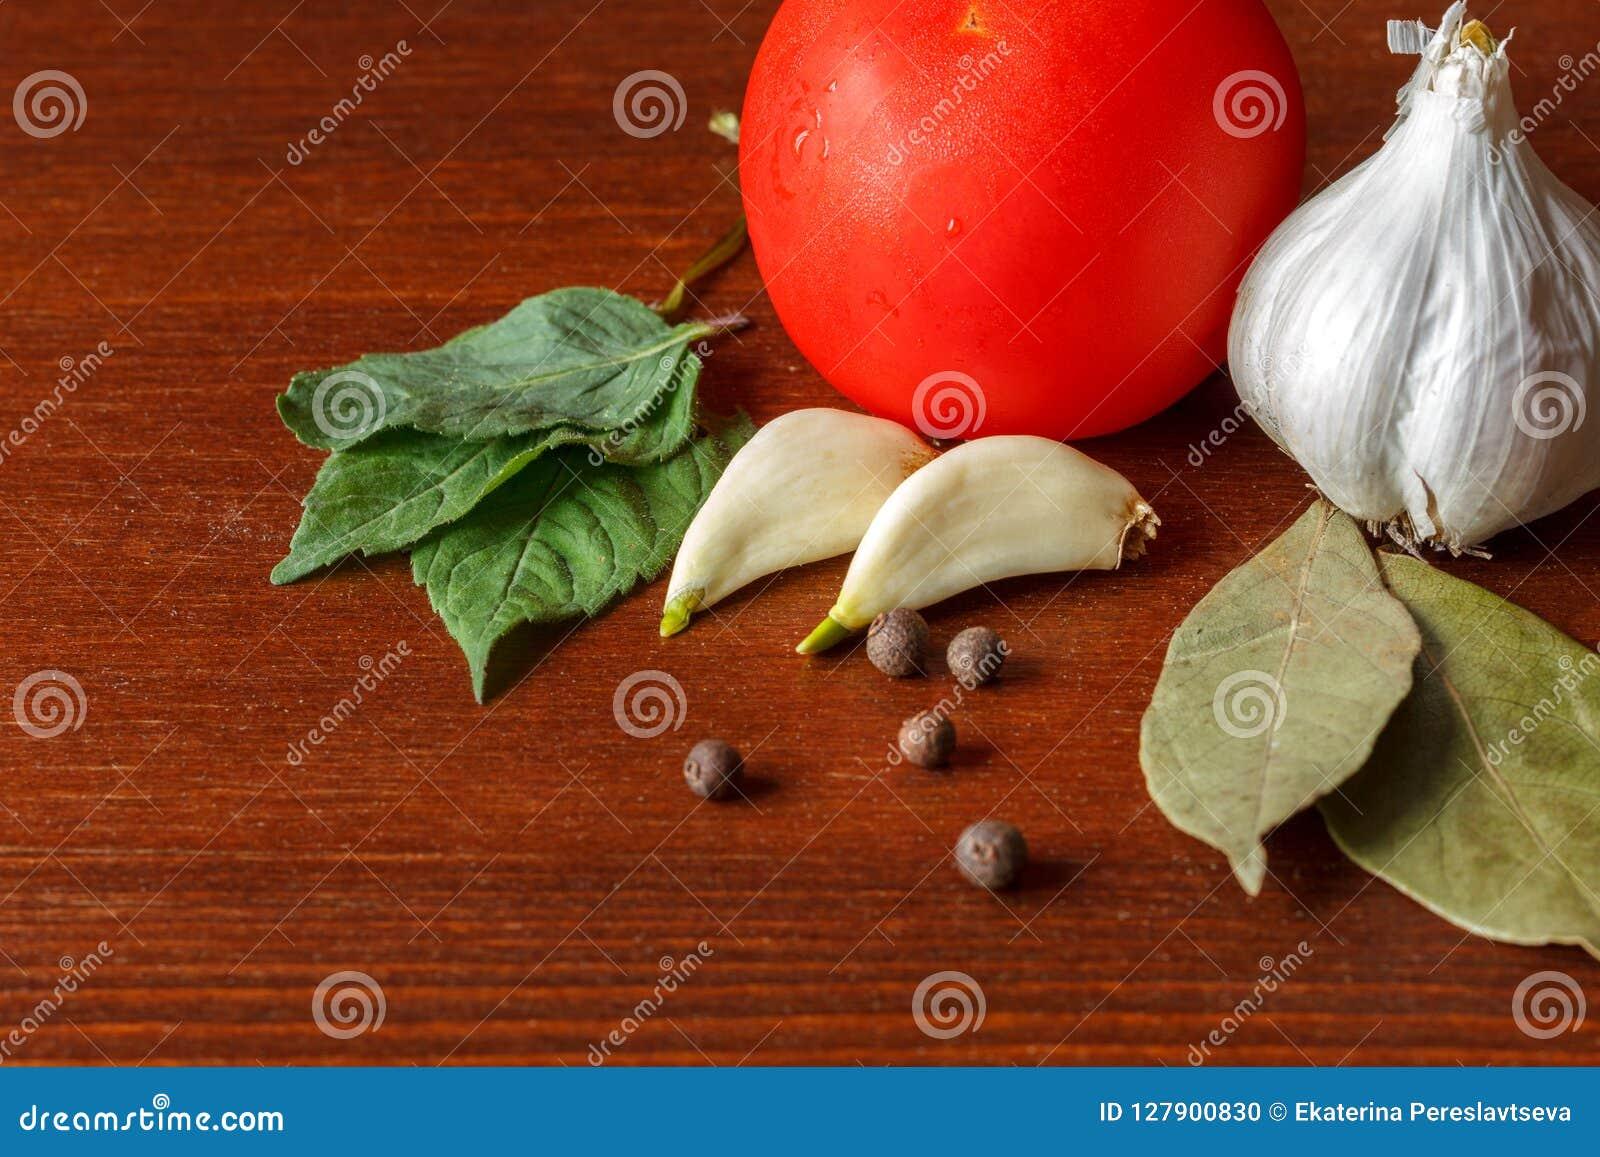 La tomate et l ail rouges avec des épices sont sur la table